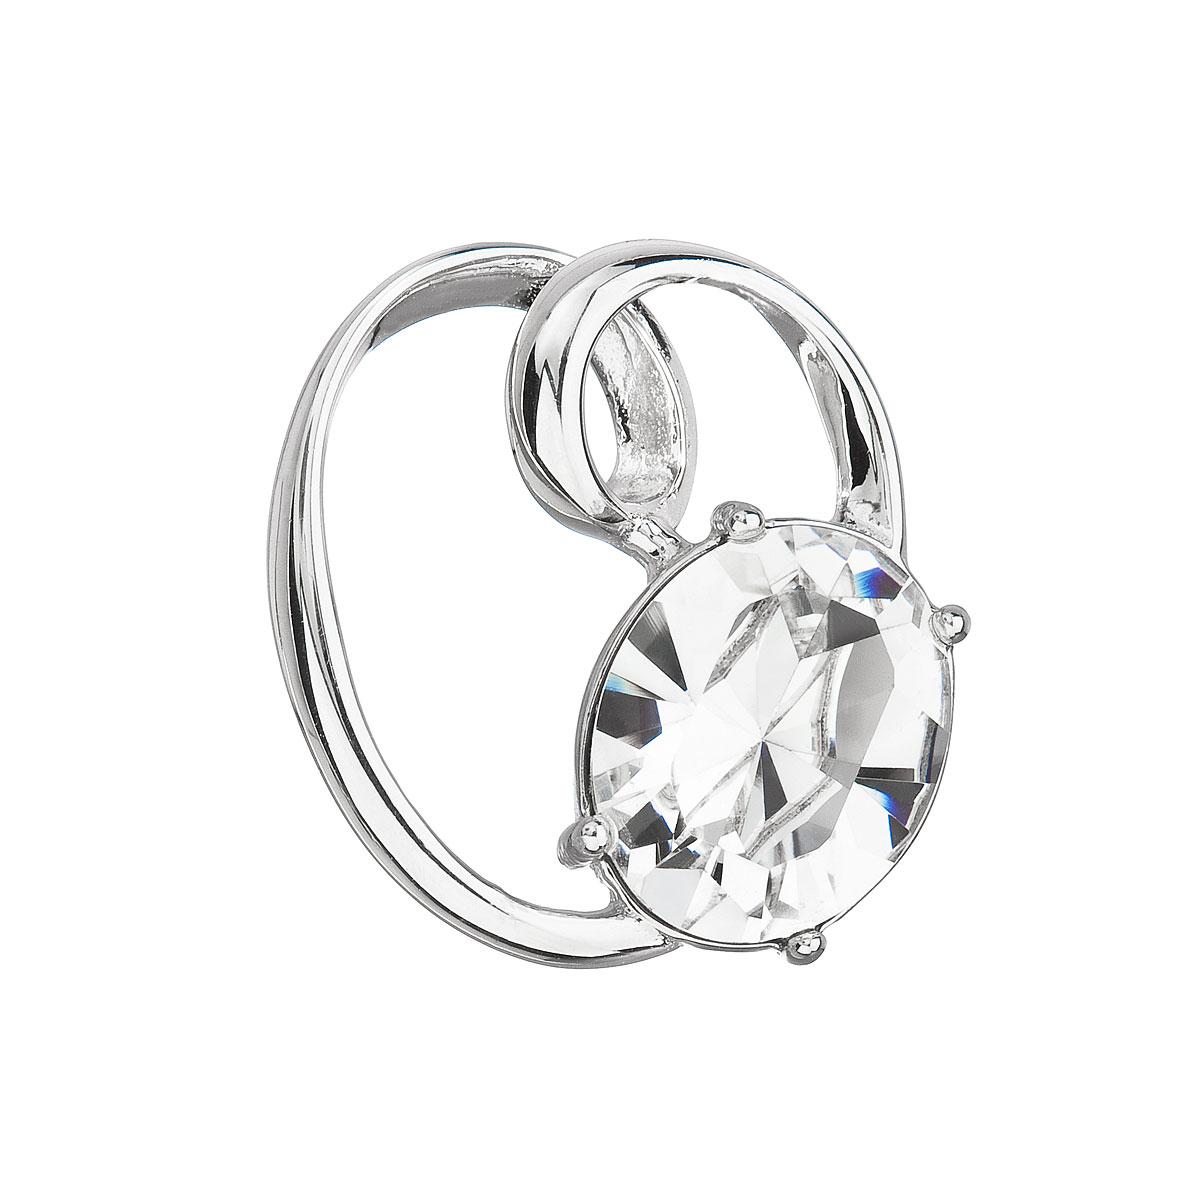 Evolution Group Stříbrný přívěsek s krystalem Swarovski bílý ovál 34228.1